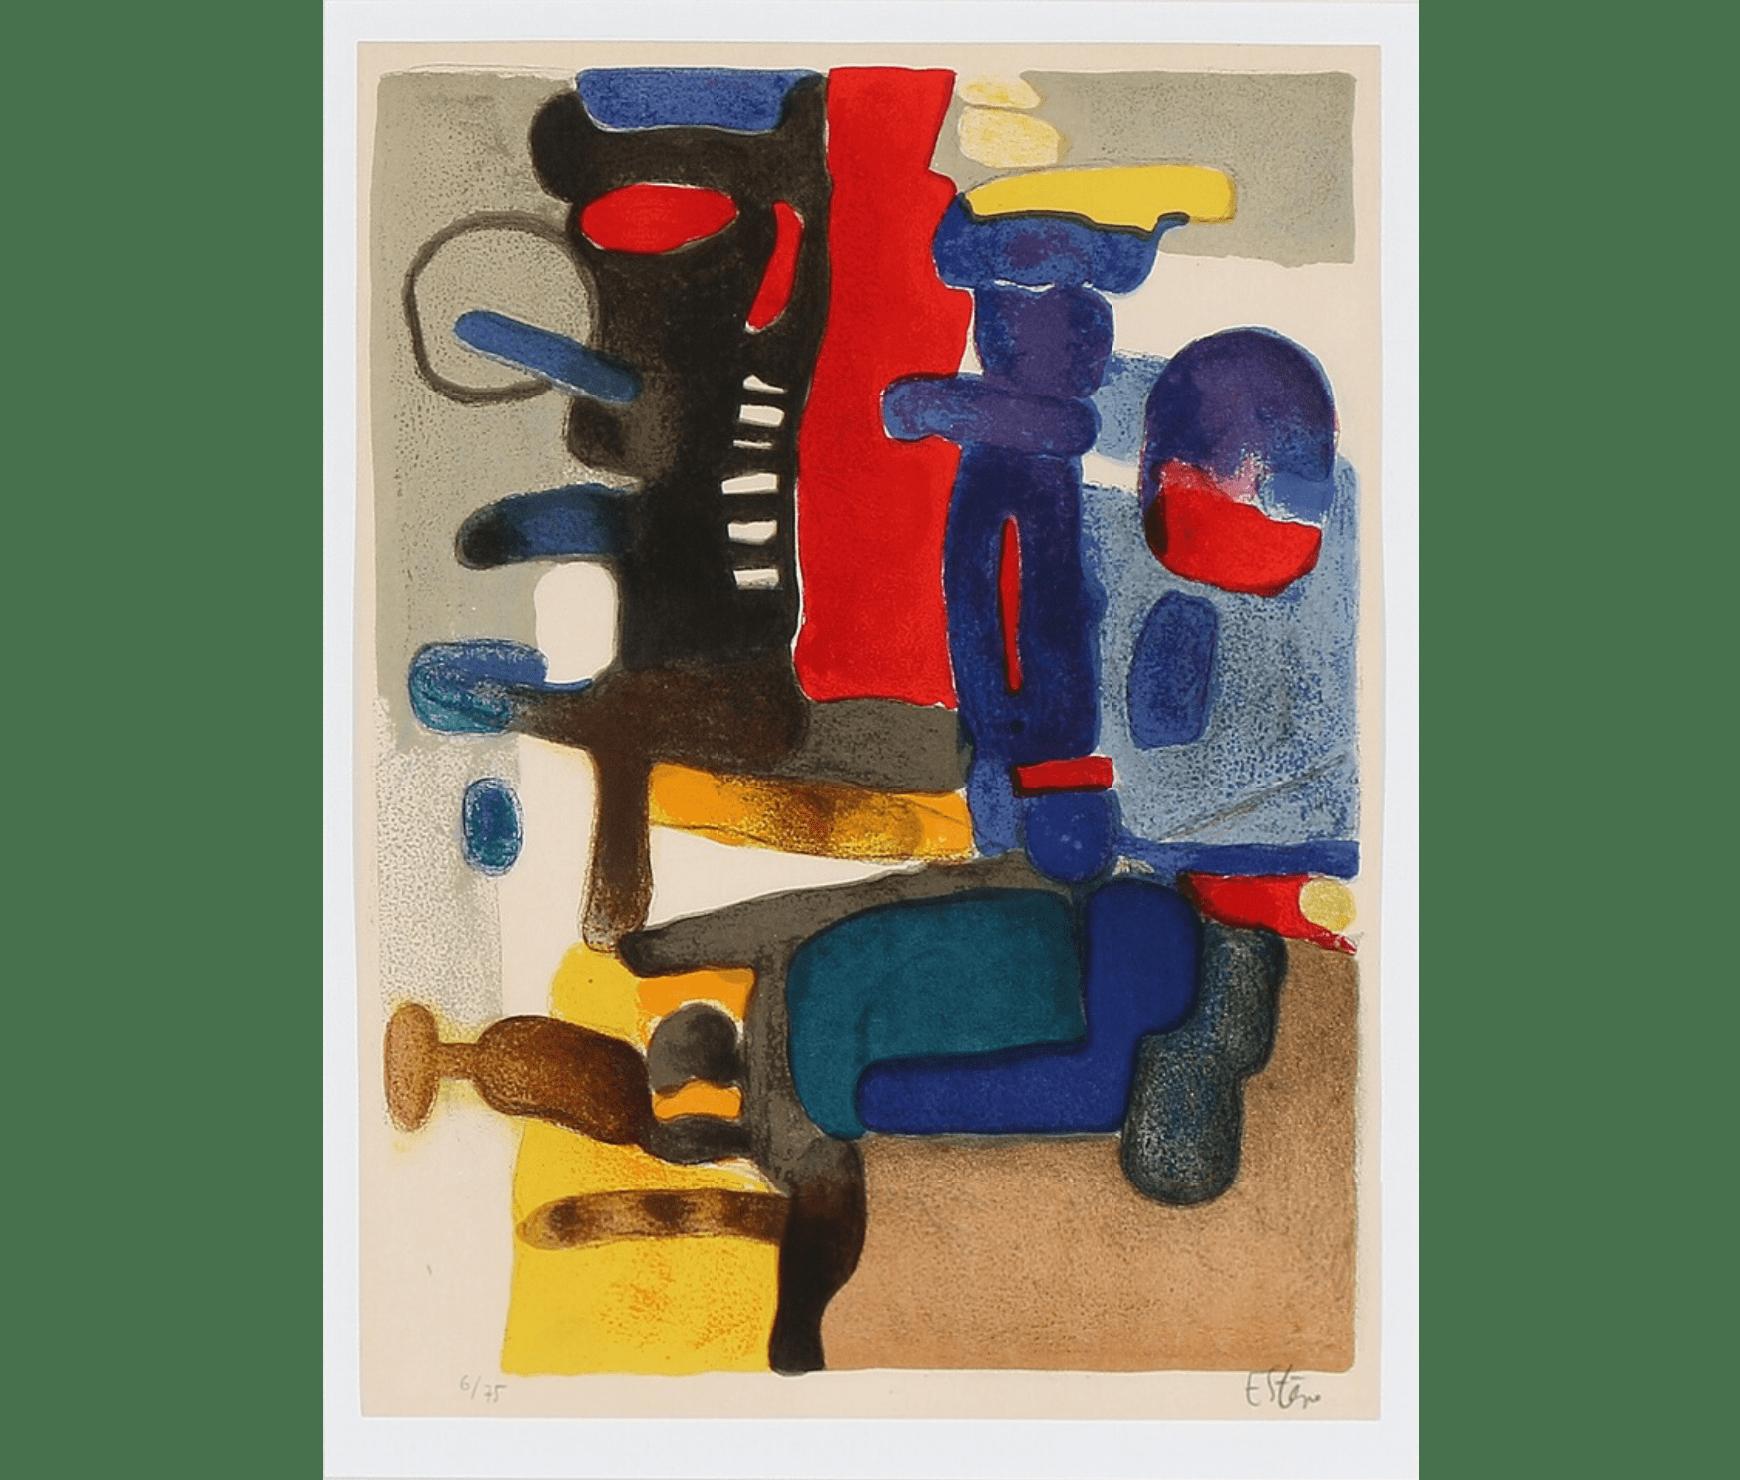 Maurice Estève, Composition, 35 x 27 cm, éd. de 75